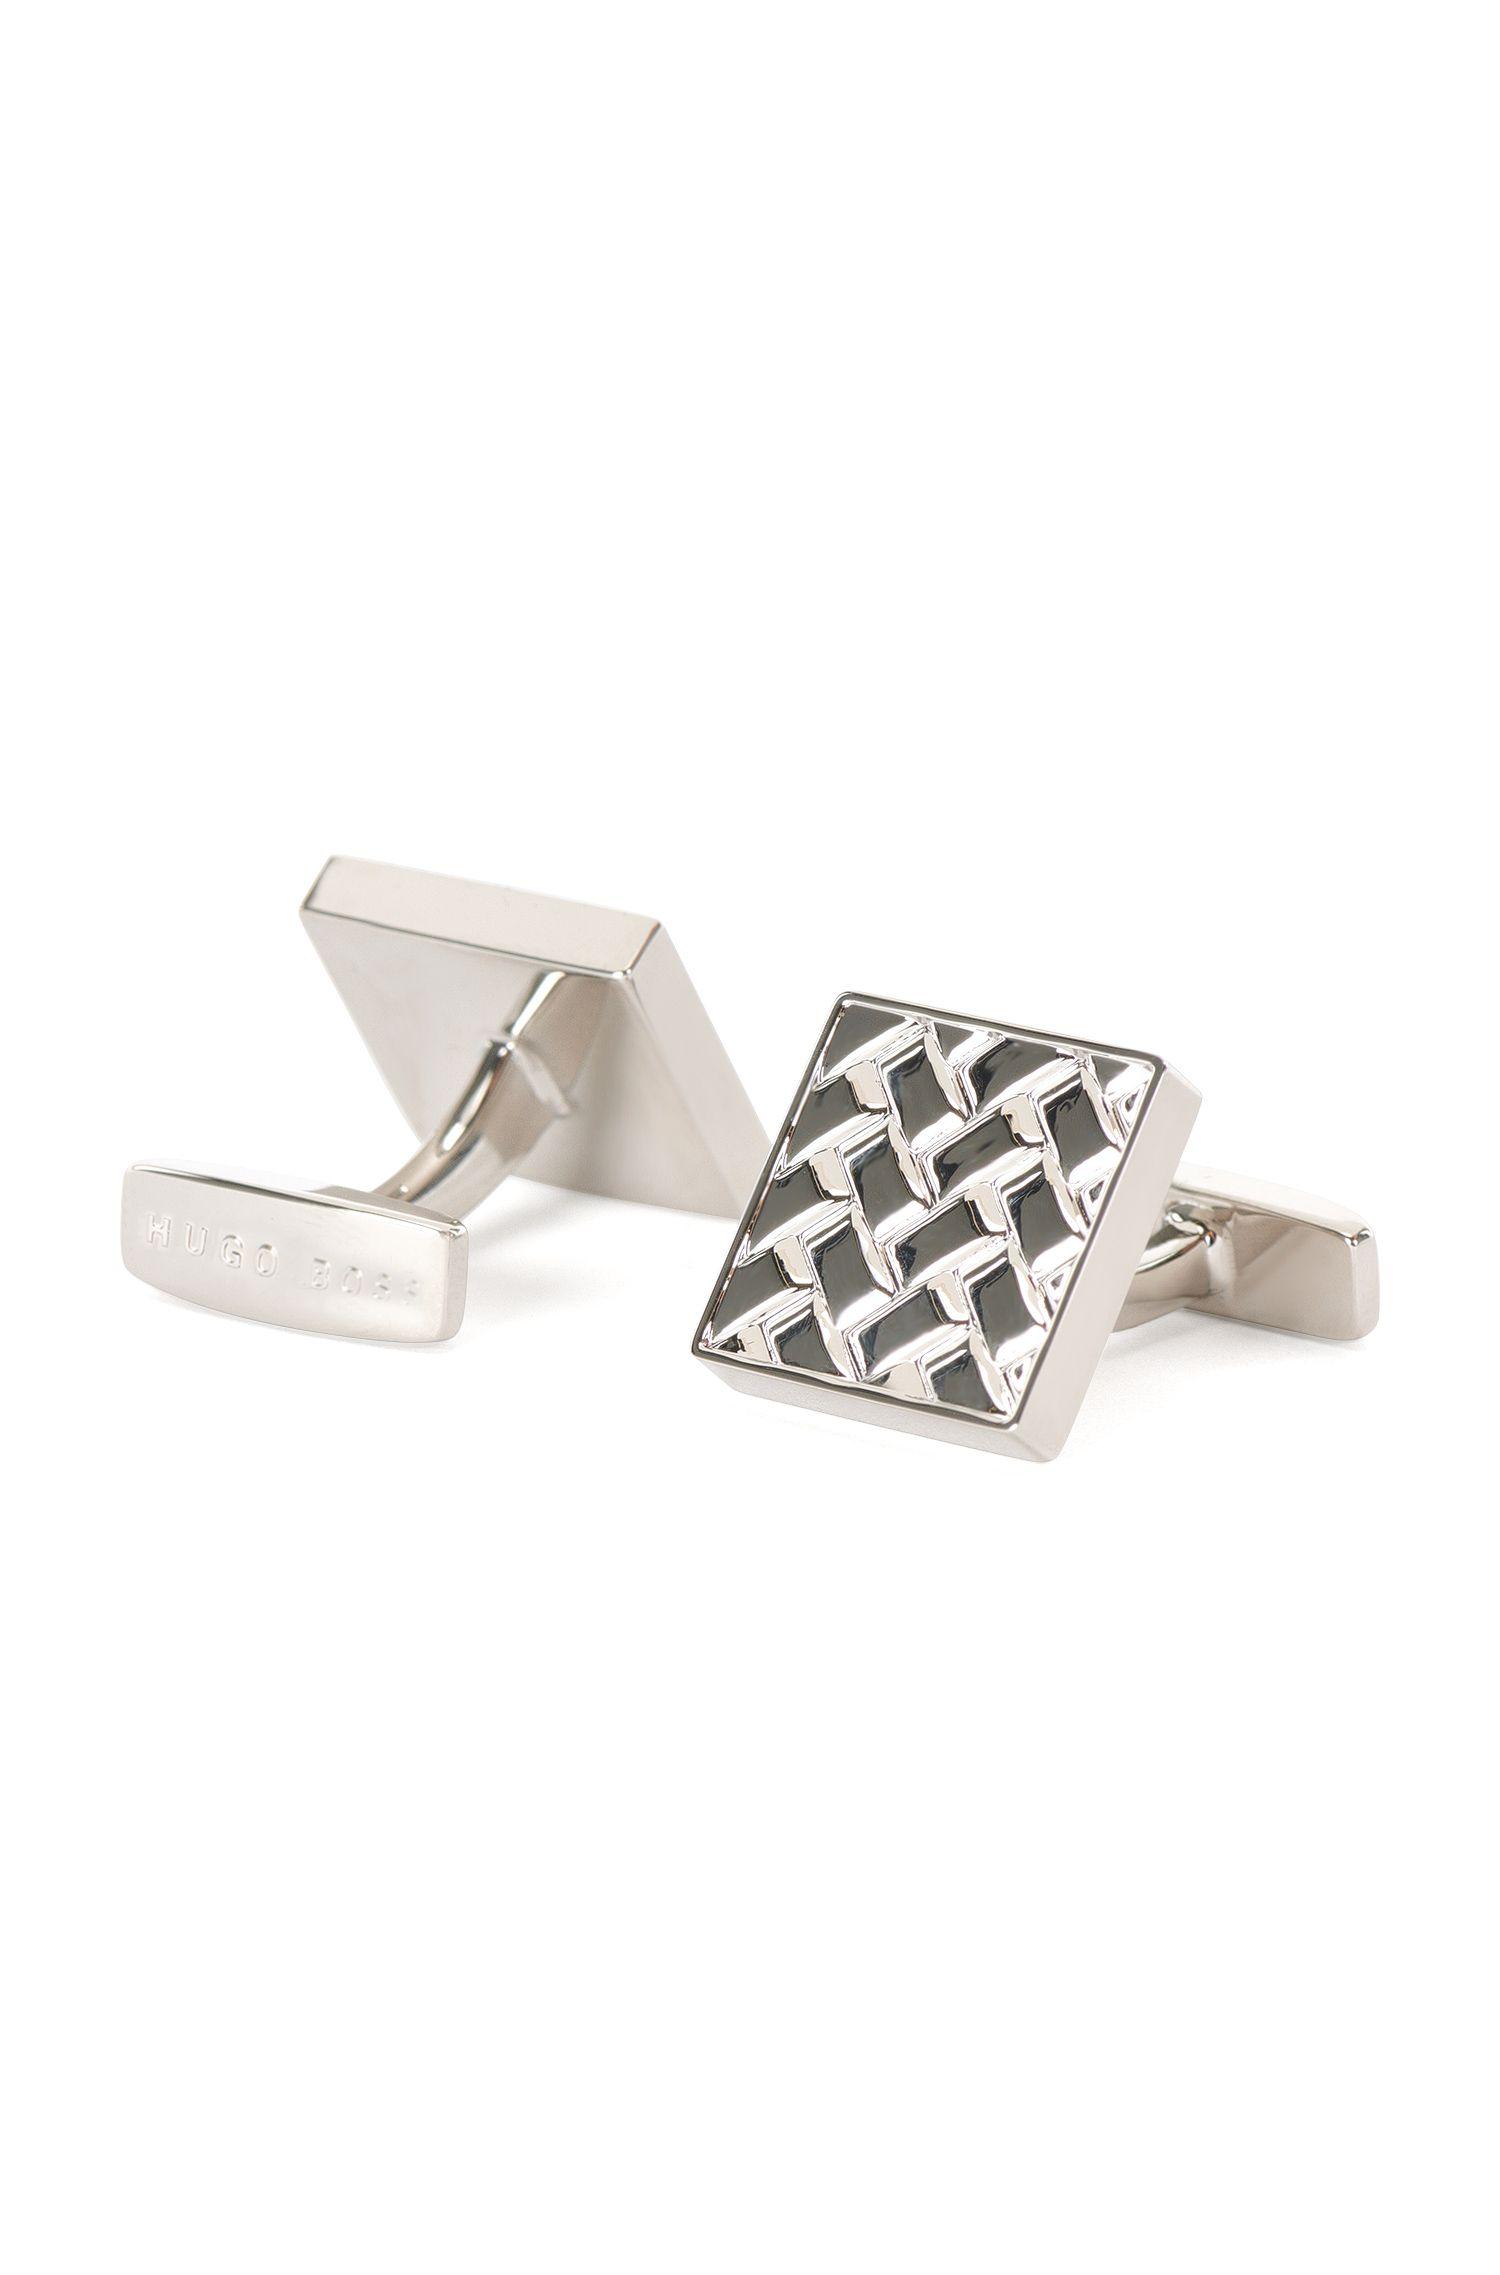 'Argo' | Polished Brass Cufflinks